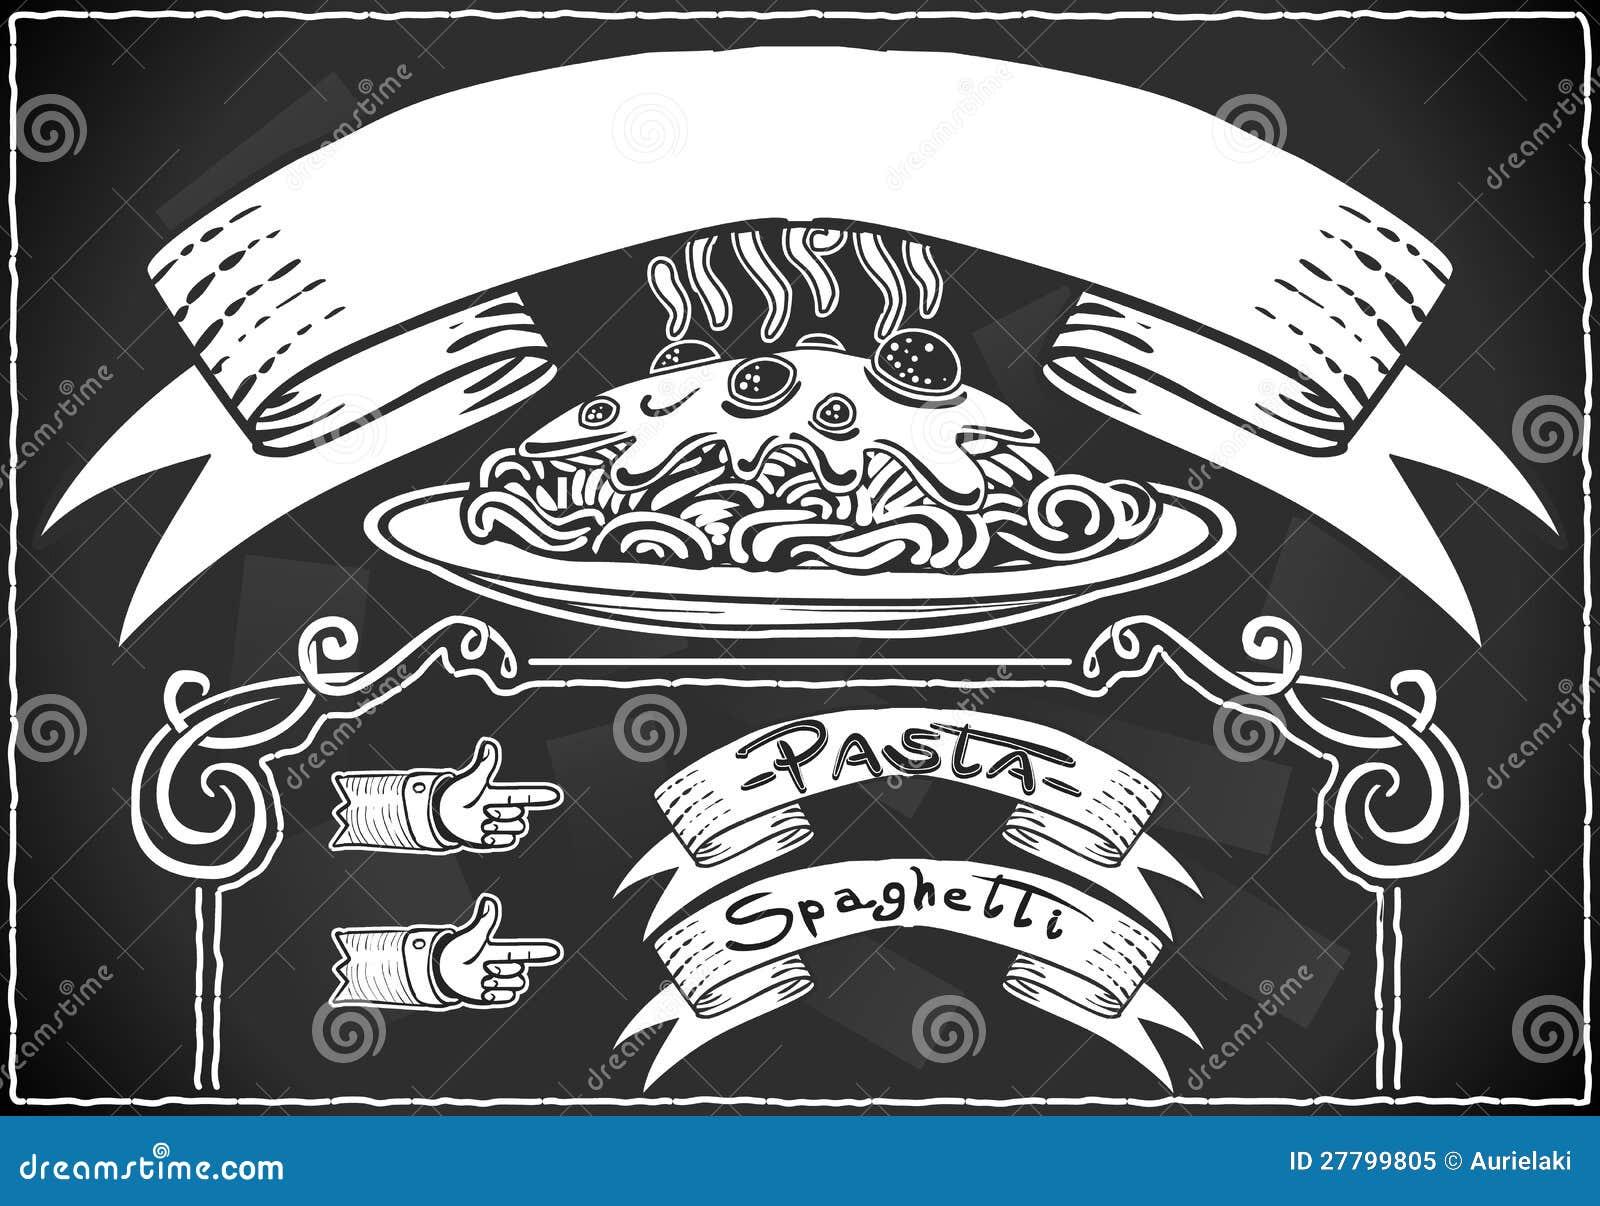 Elemento gráfico de la vendimia para el primer menú del curso